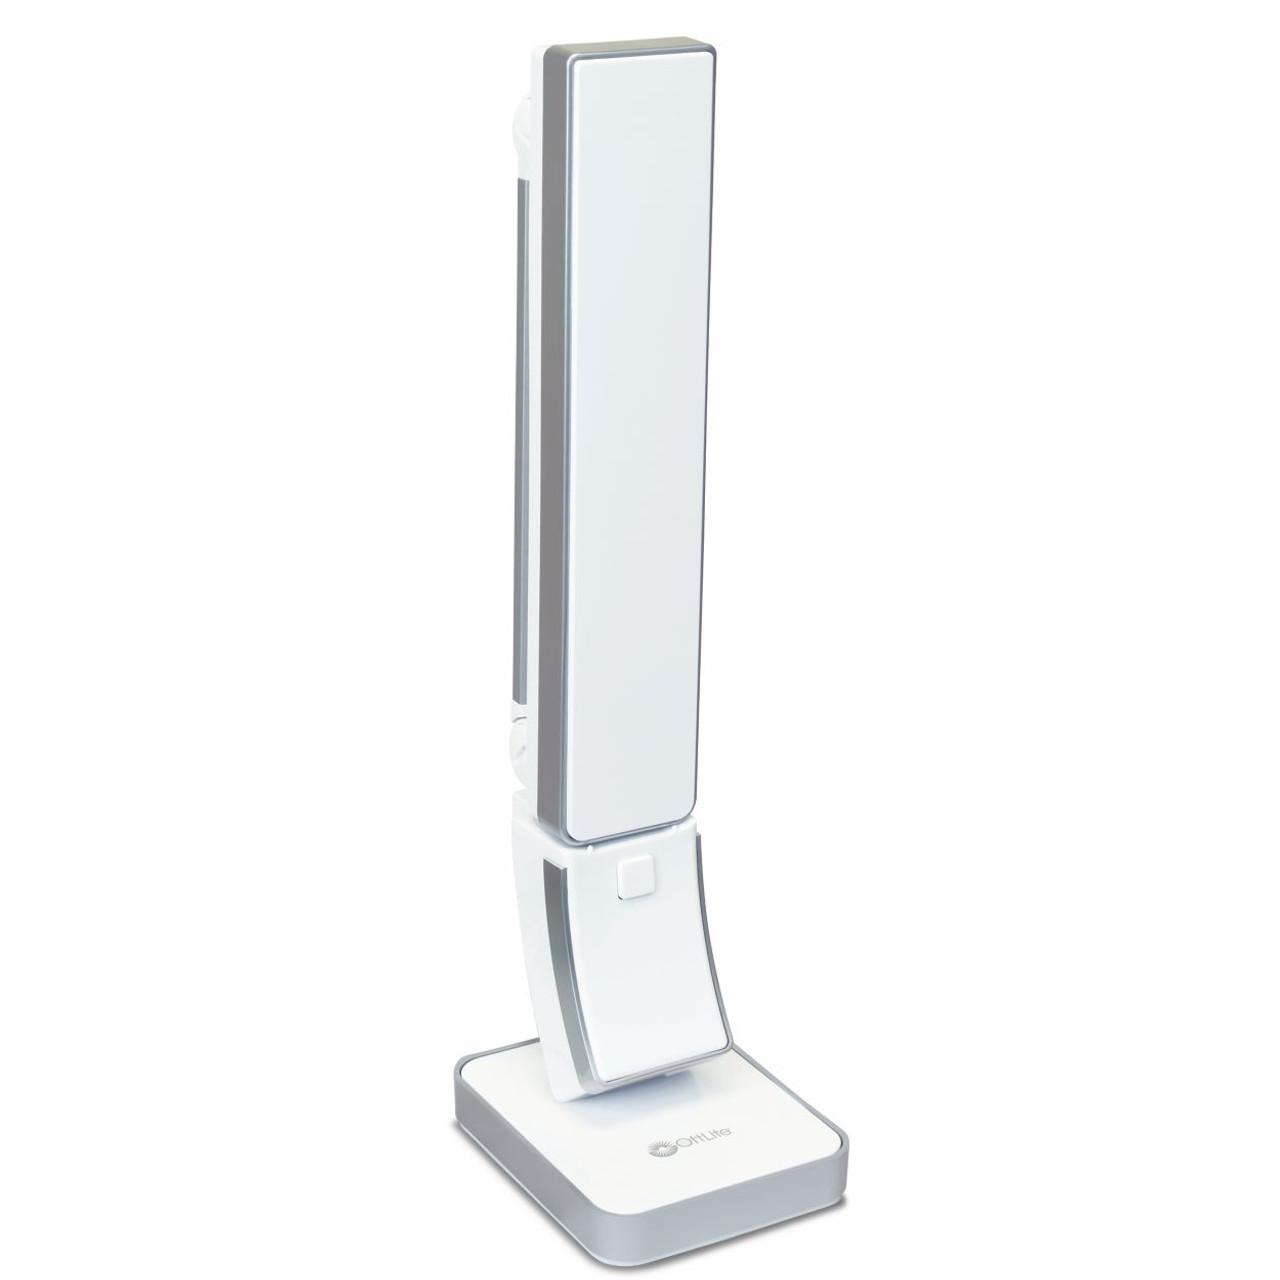 OttLite 13 Watt Slimline Task Lamp